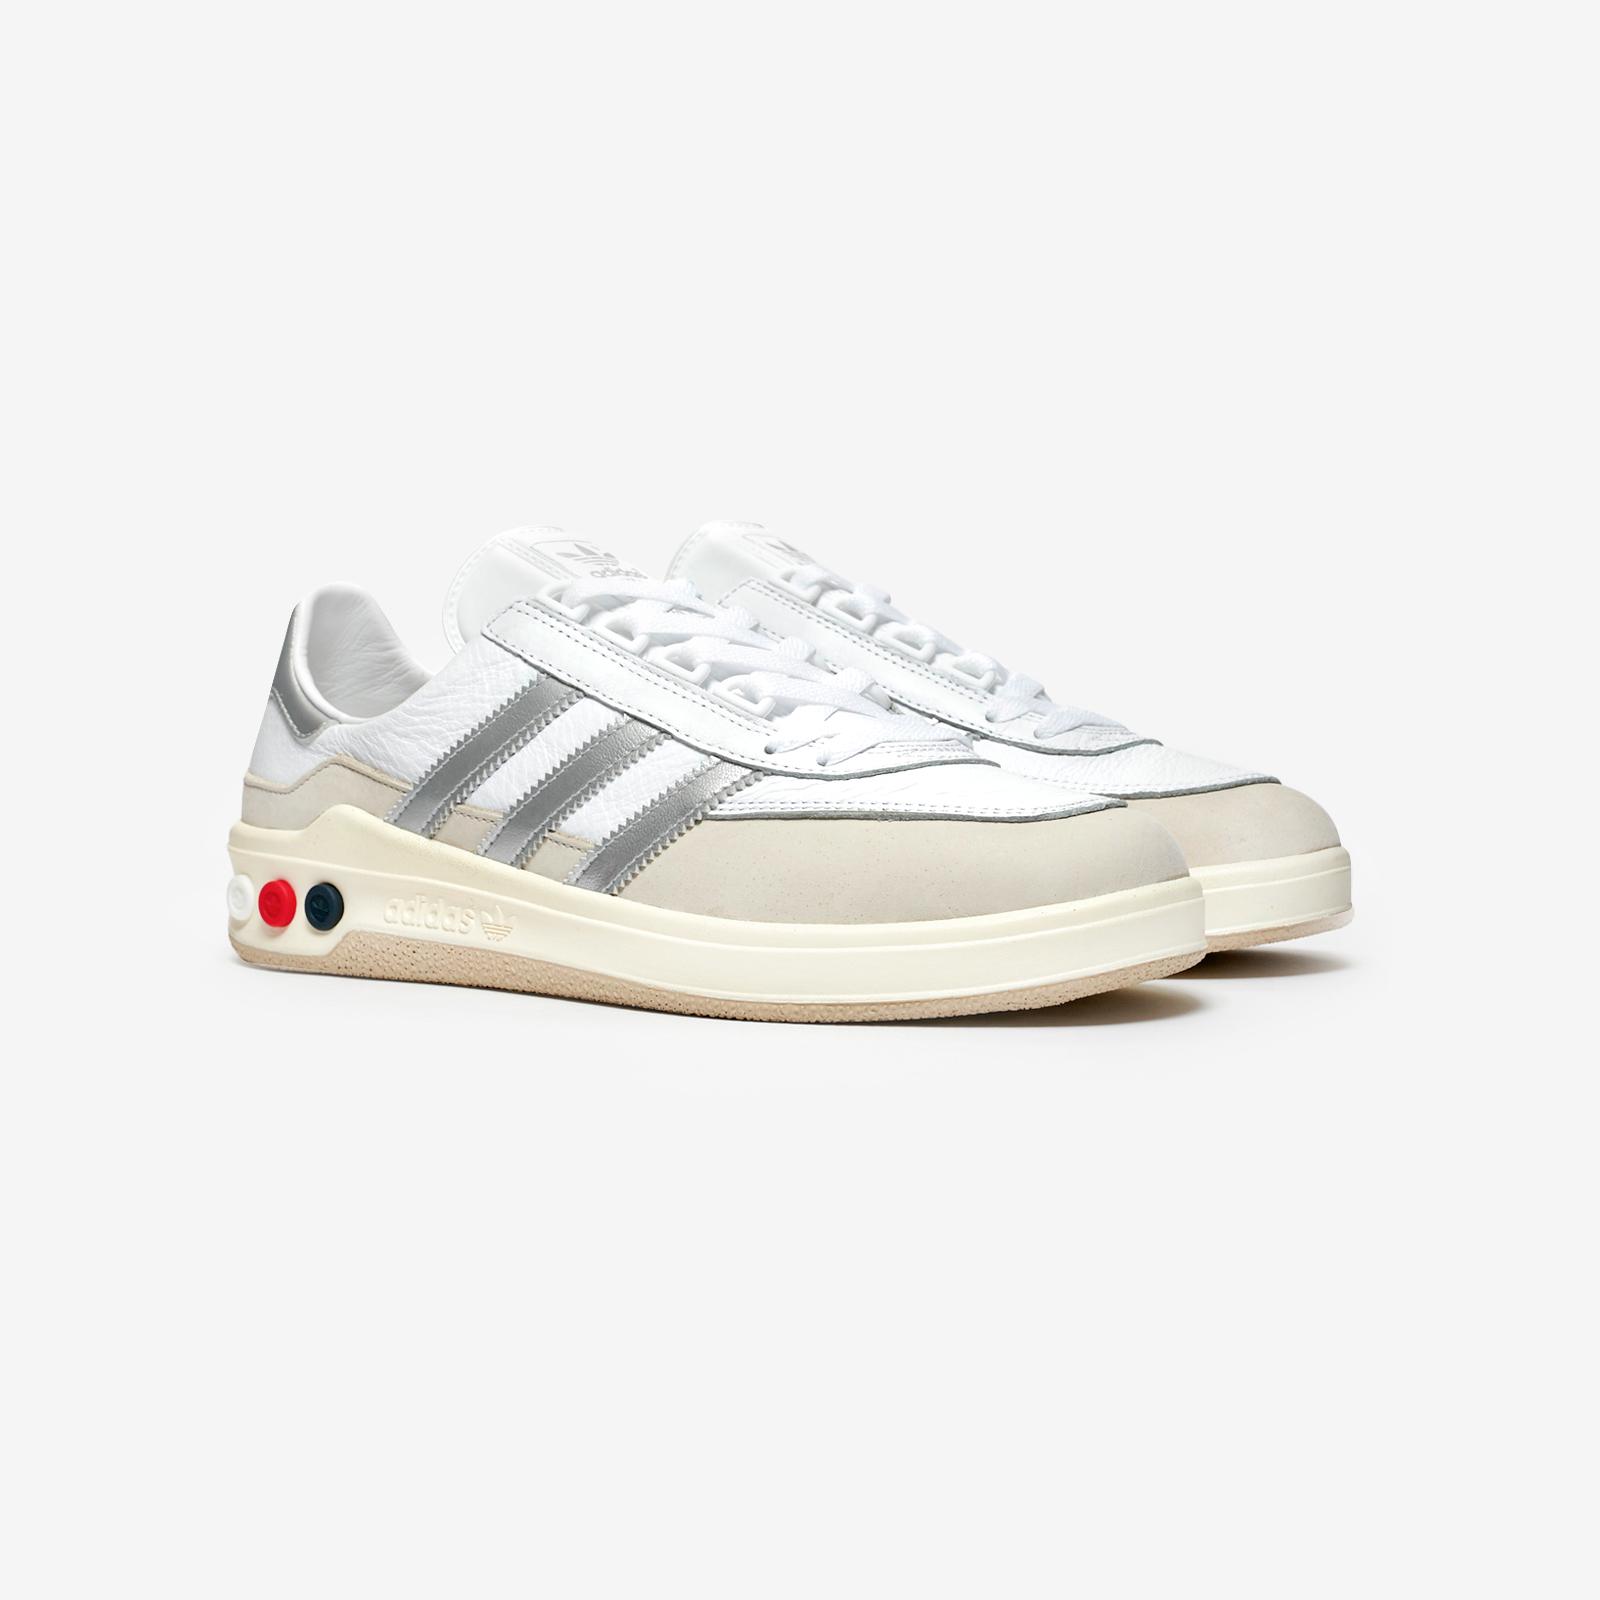 adidas GLXY SPZL - F35662 - Sneakersnstuff | sneakers & streetwear ...